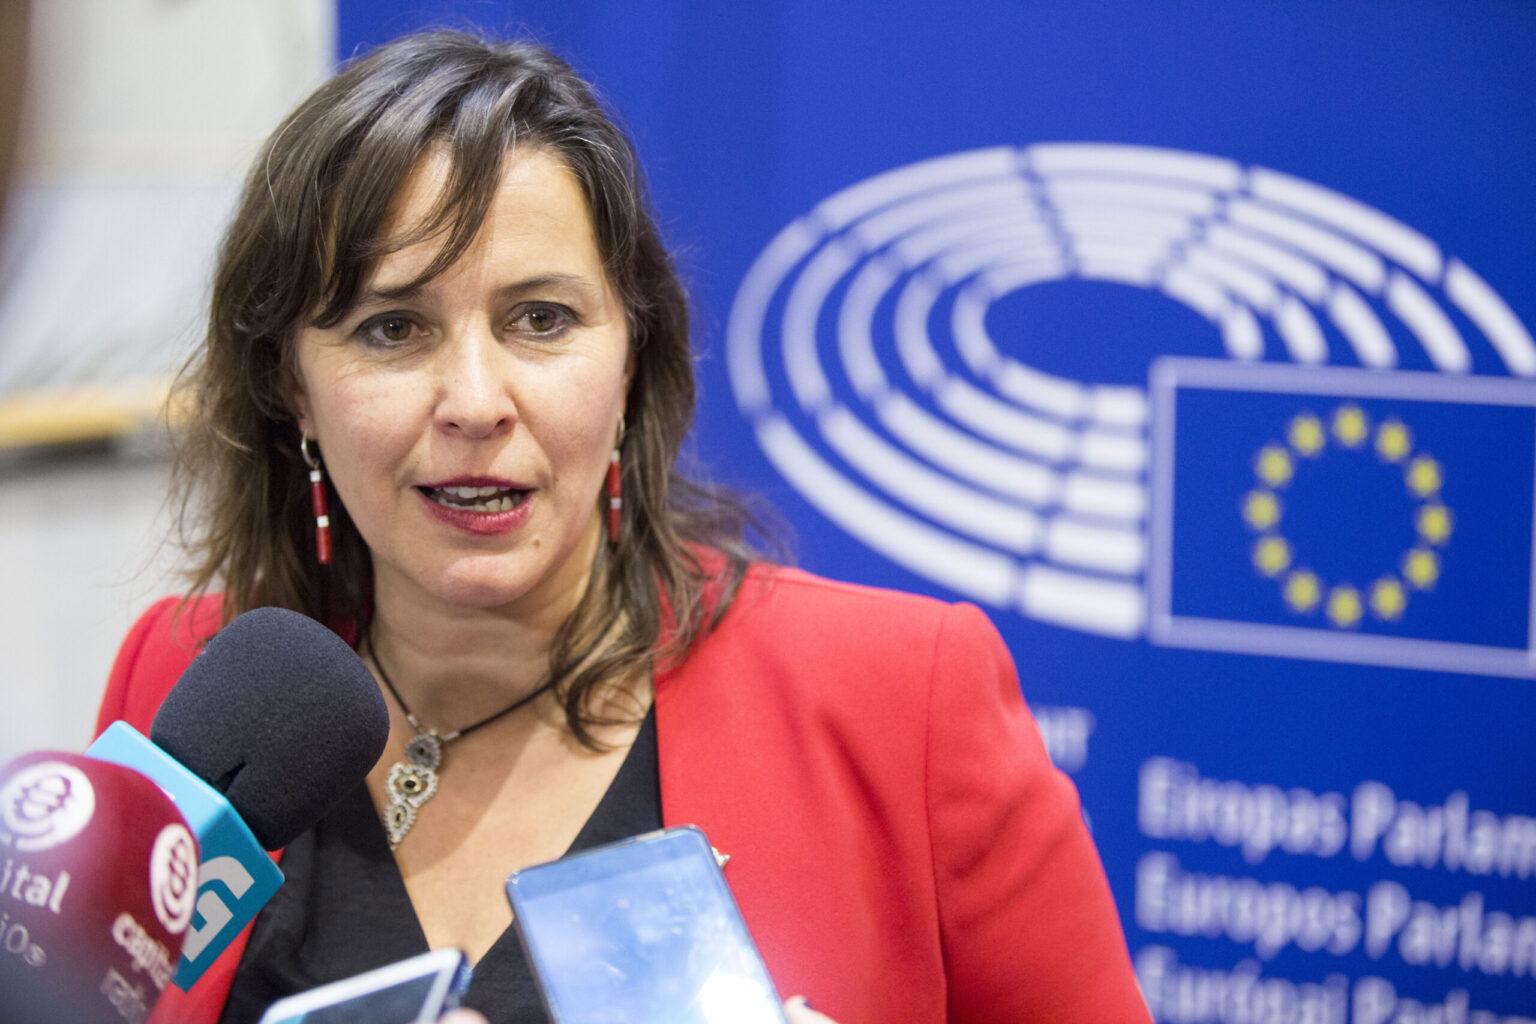 Europa investigará a precariedade laboral no Servizo de Axuda no Fogar